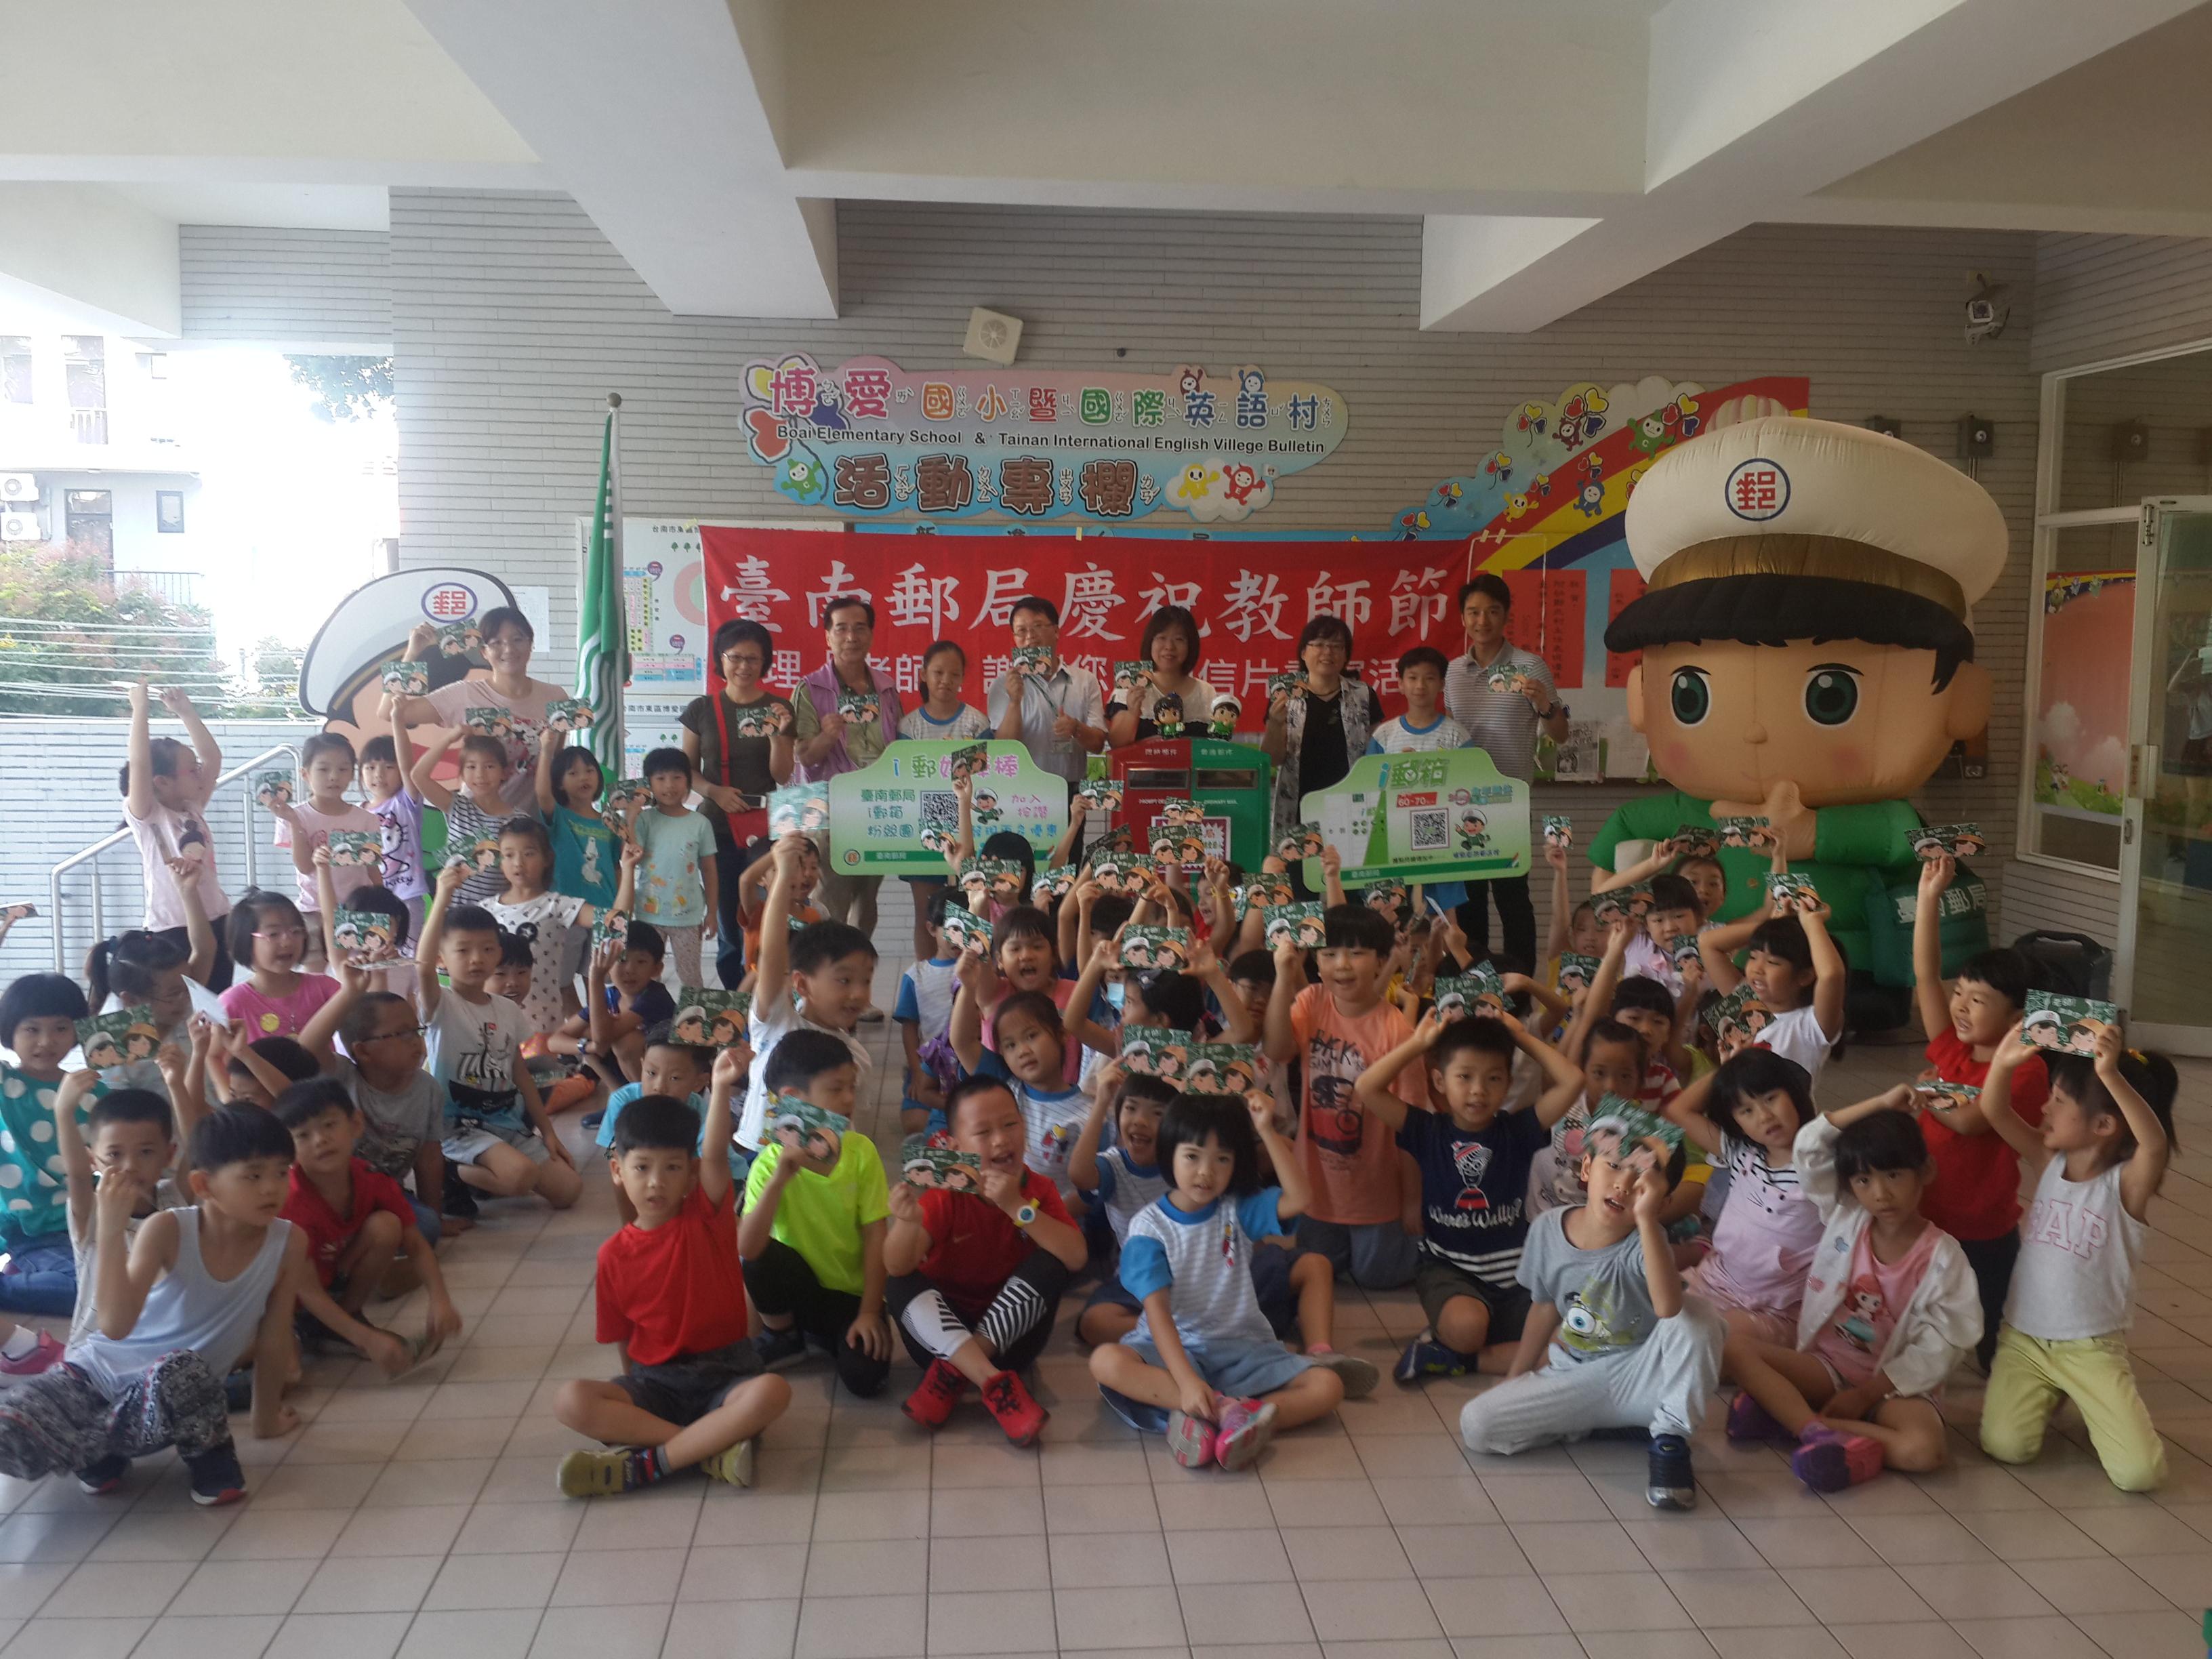 臺南郵局107年辦理「老師!謝謝您」教師節活動